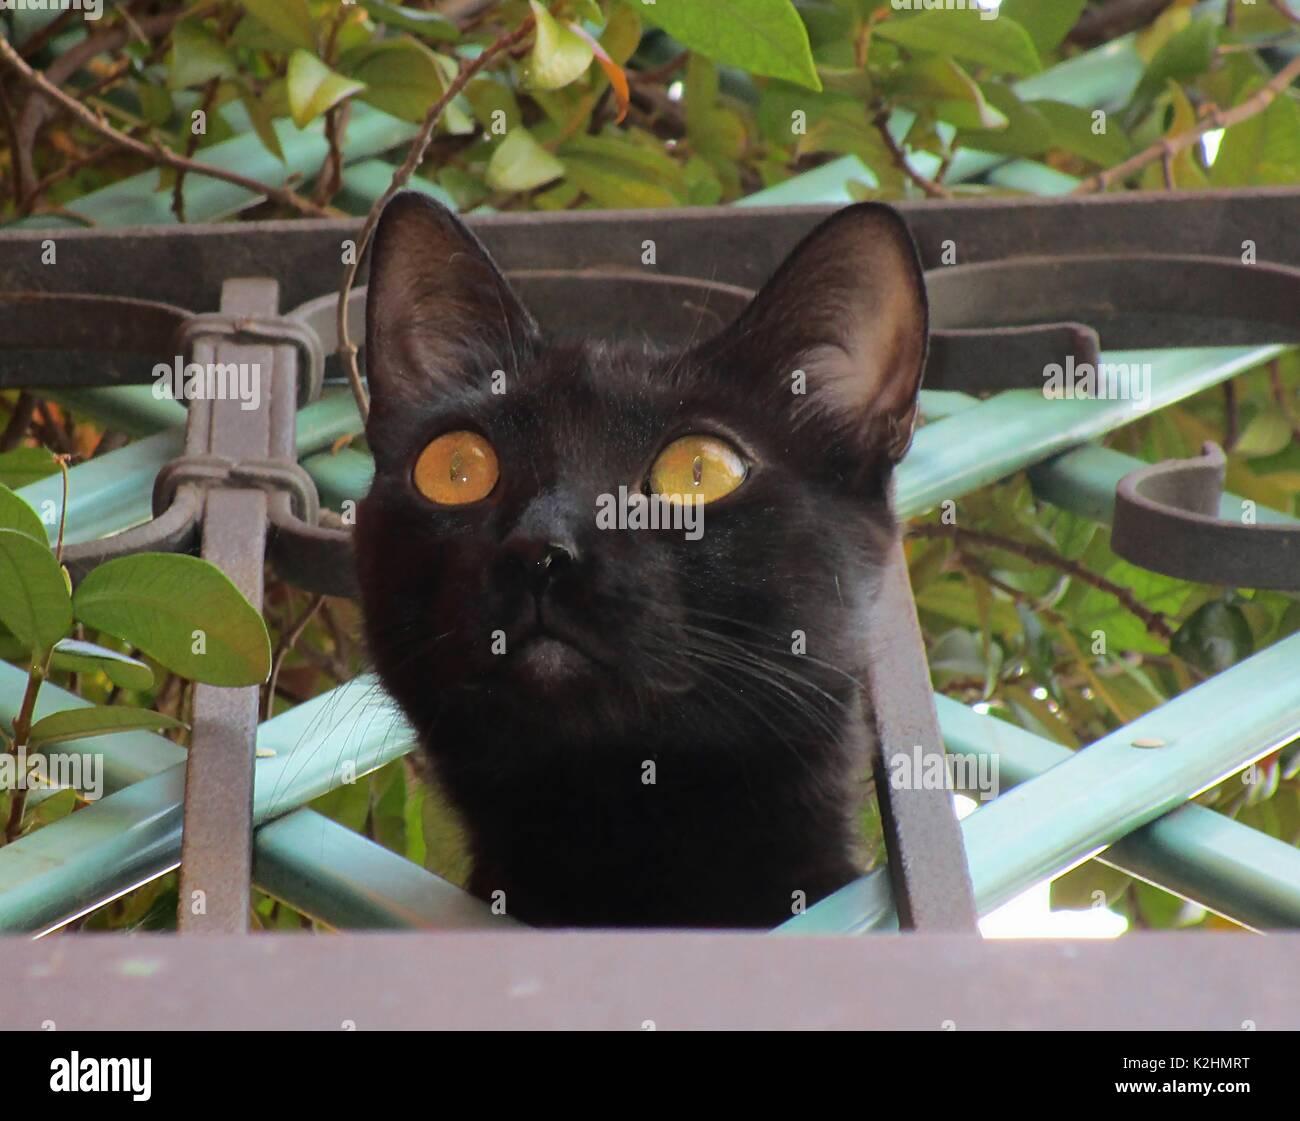 La curiosité a tué le chat Photo Stock